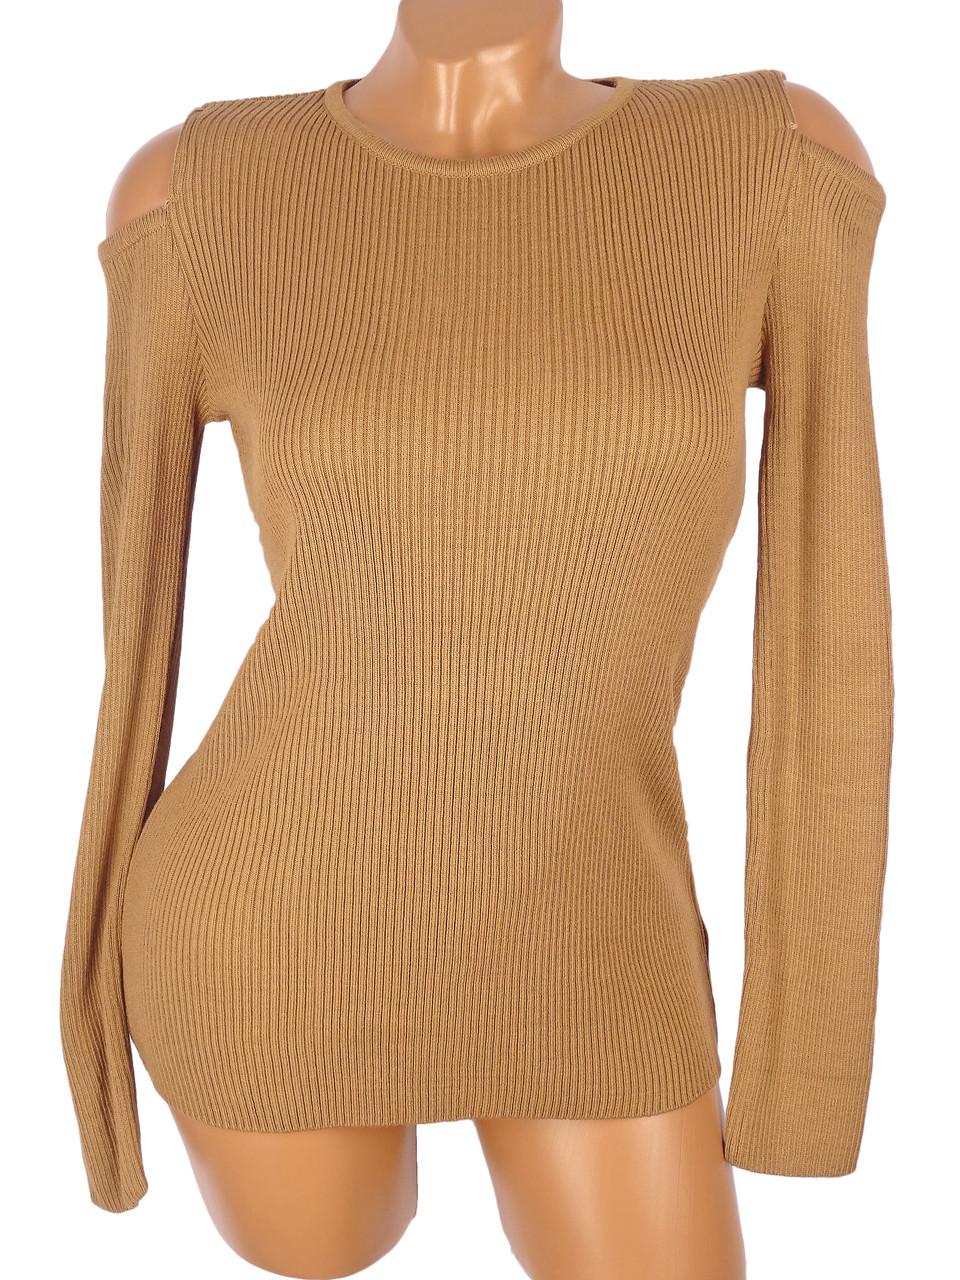 Женский пуловер с открытыми плечами (в расцветках)